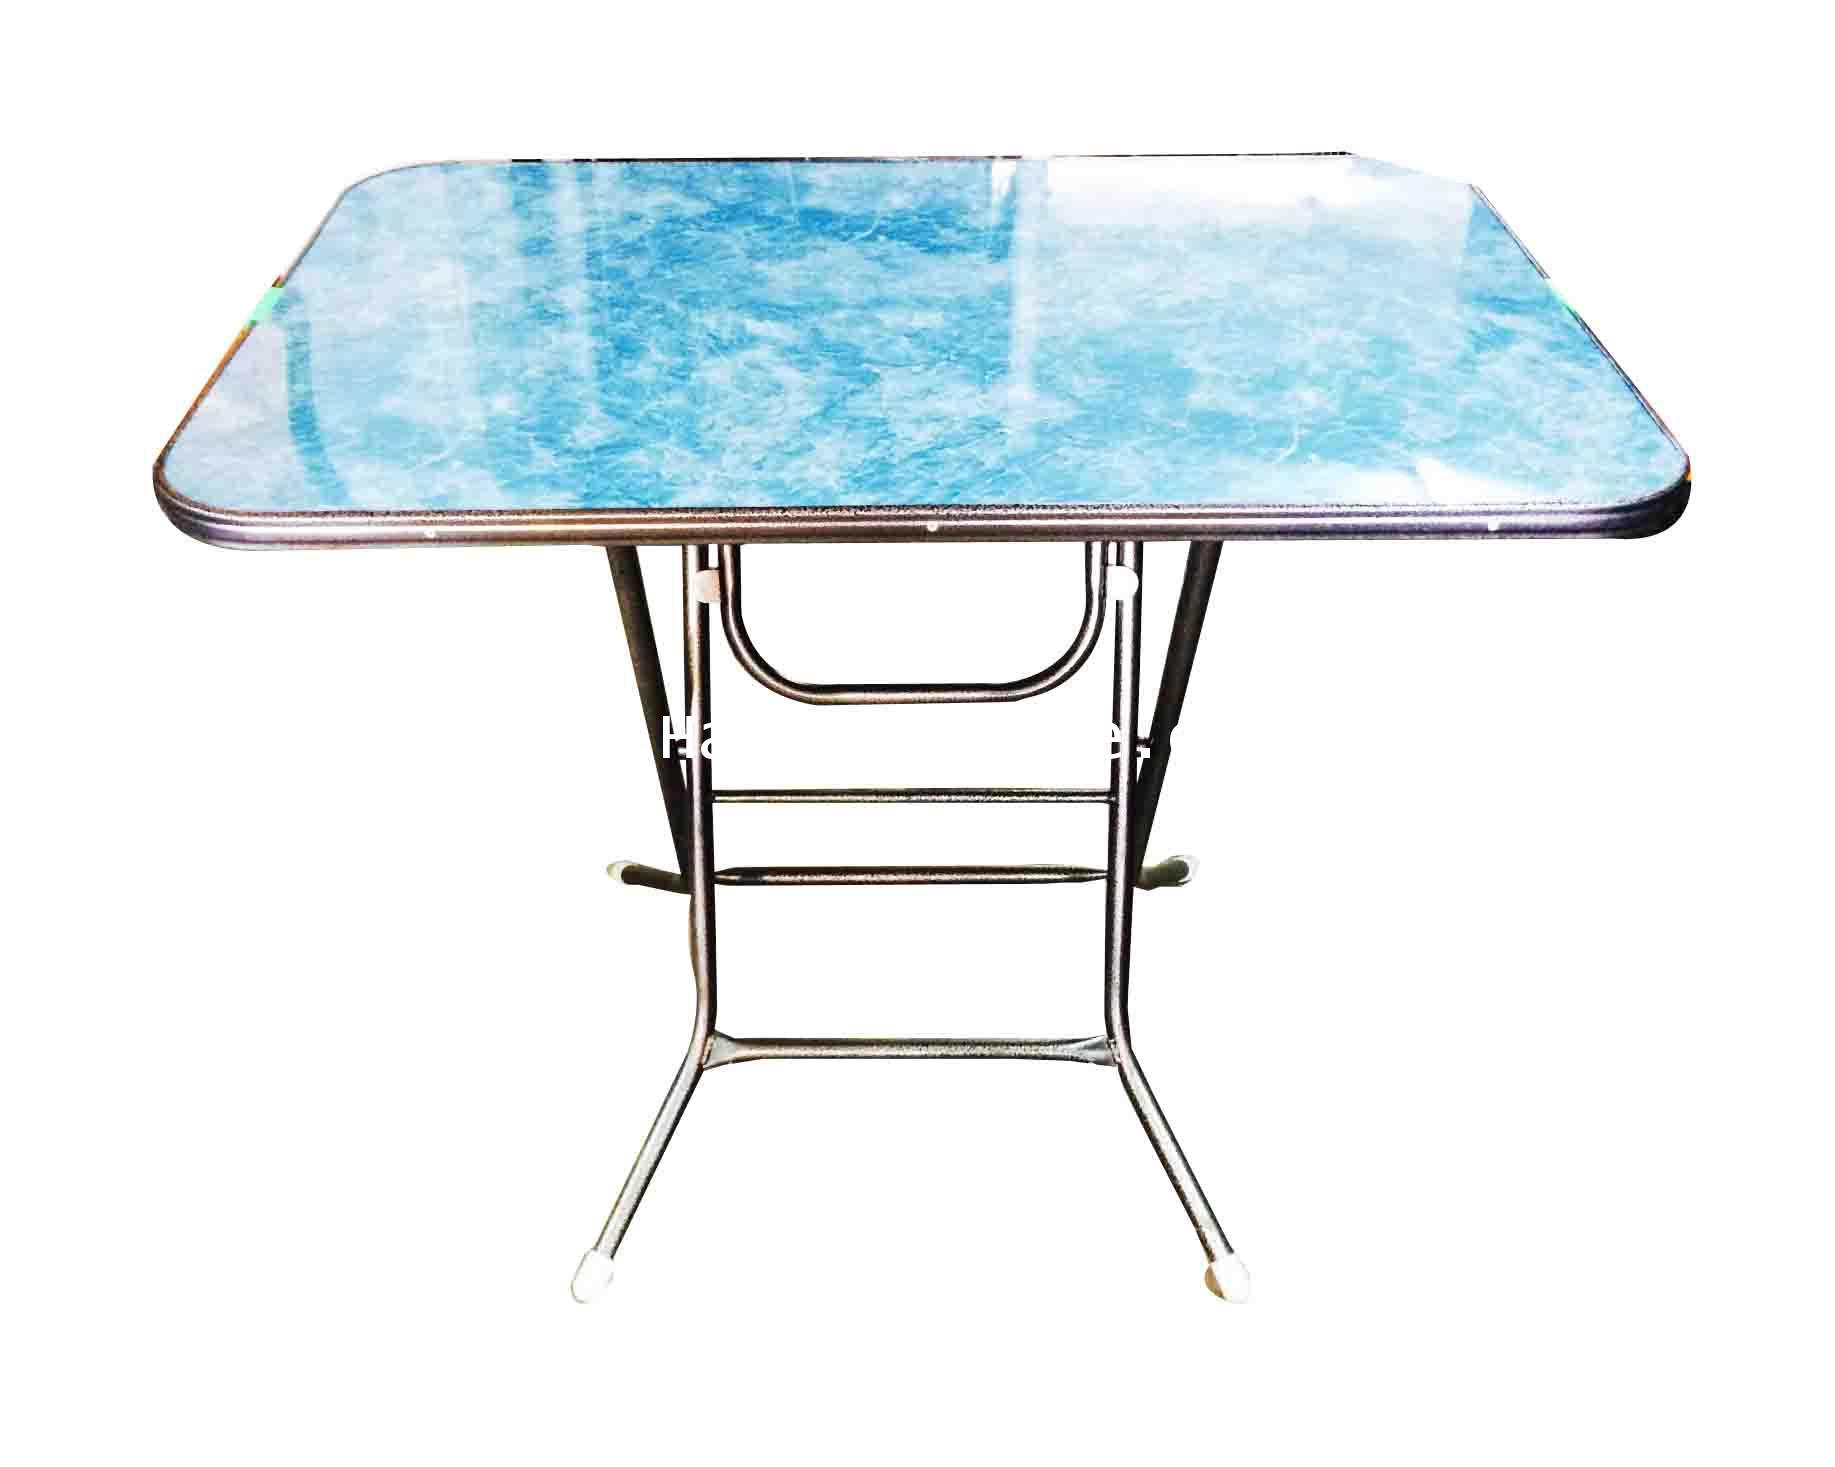 โต๊ะพับหน้าไม้ ขอบเหล็ก 3 ฟุต